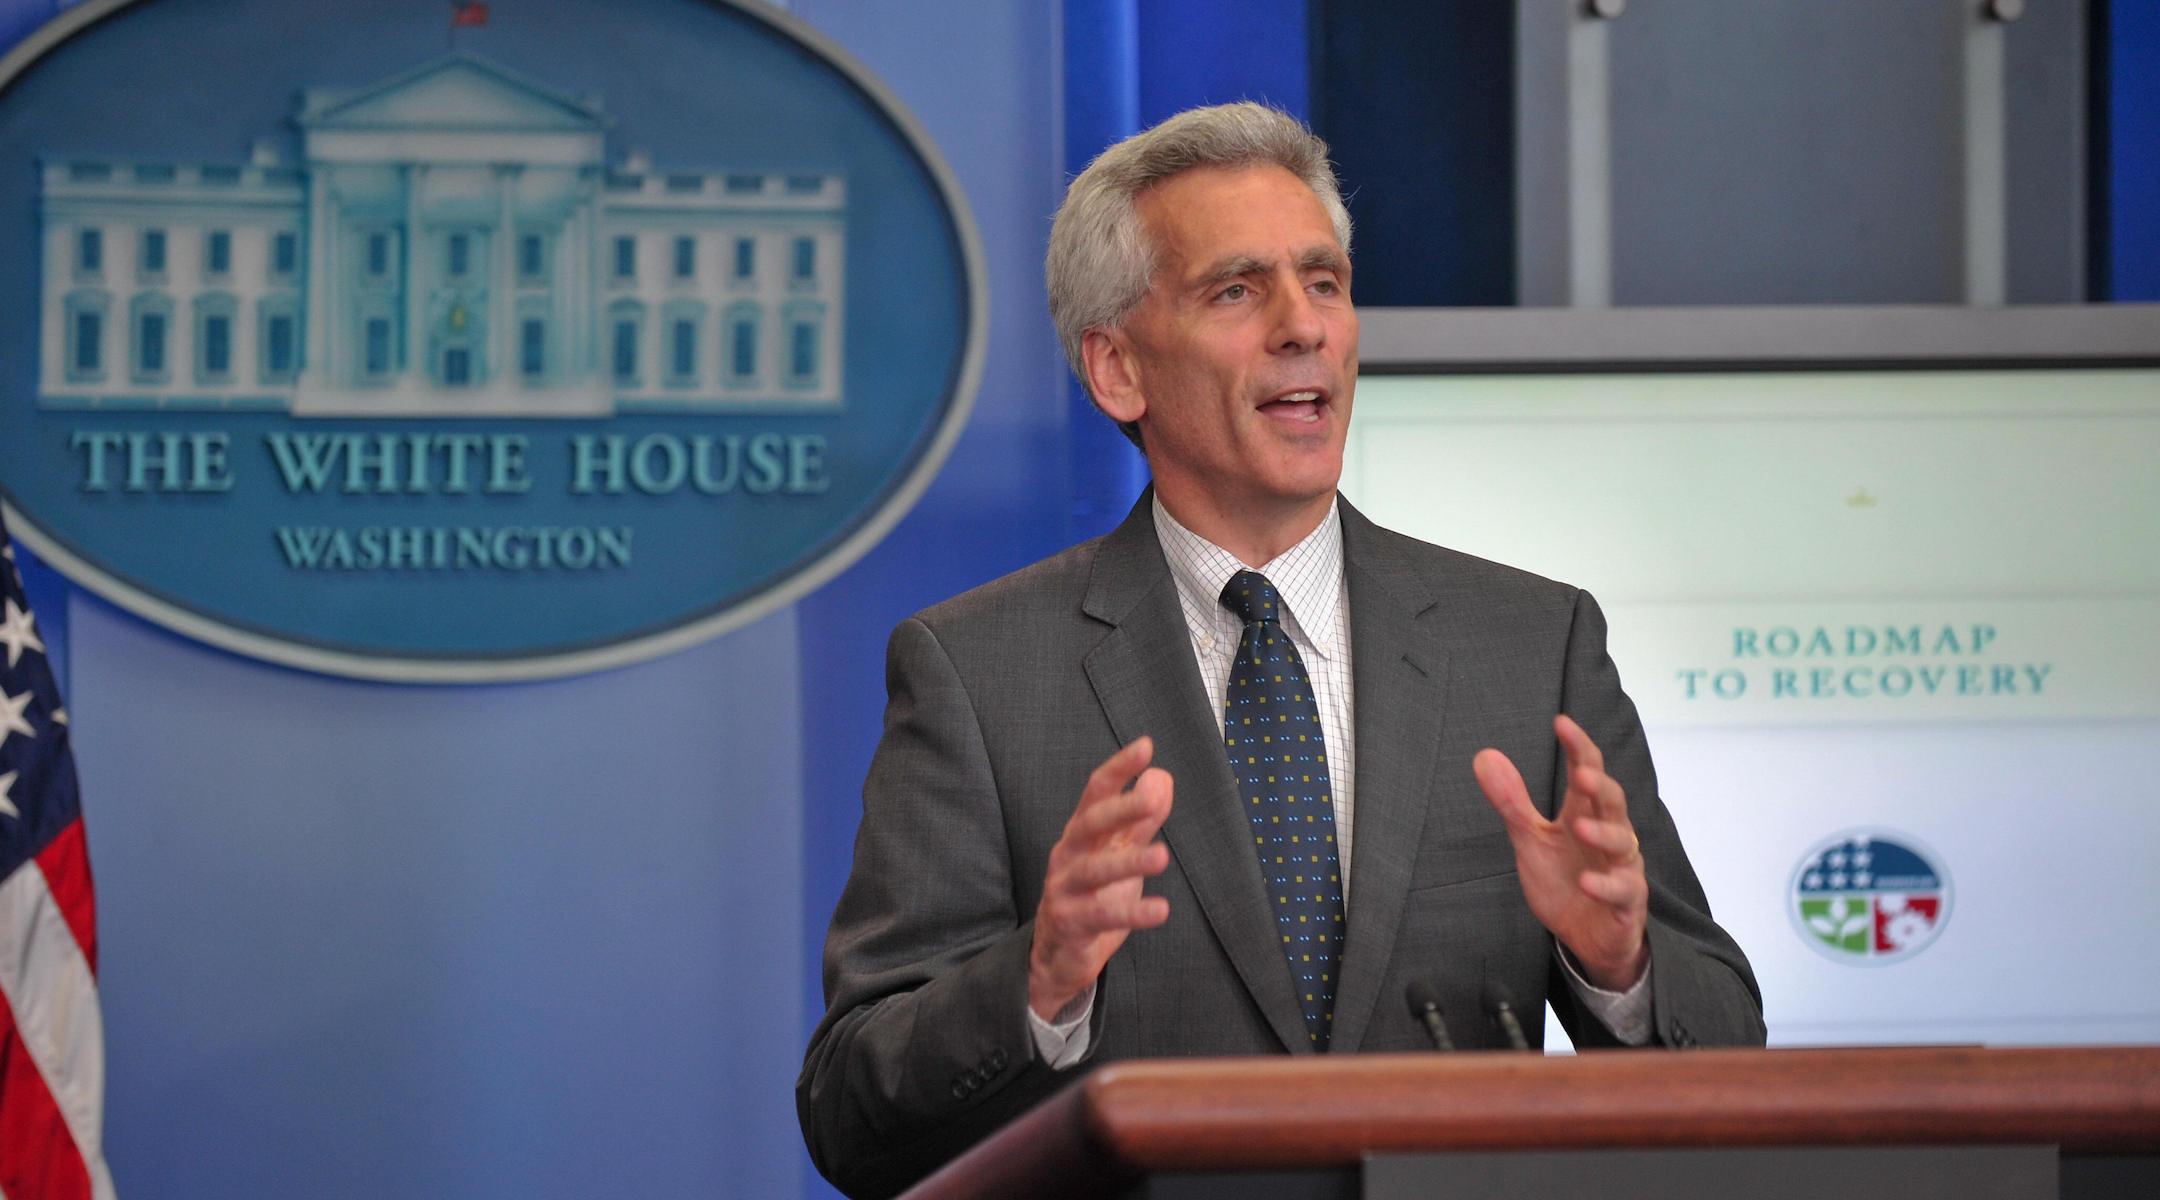 Jared Bernstein is 'verklempt' to join Biden's council of economic advisers